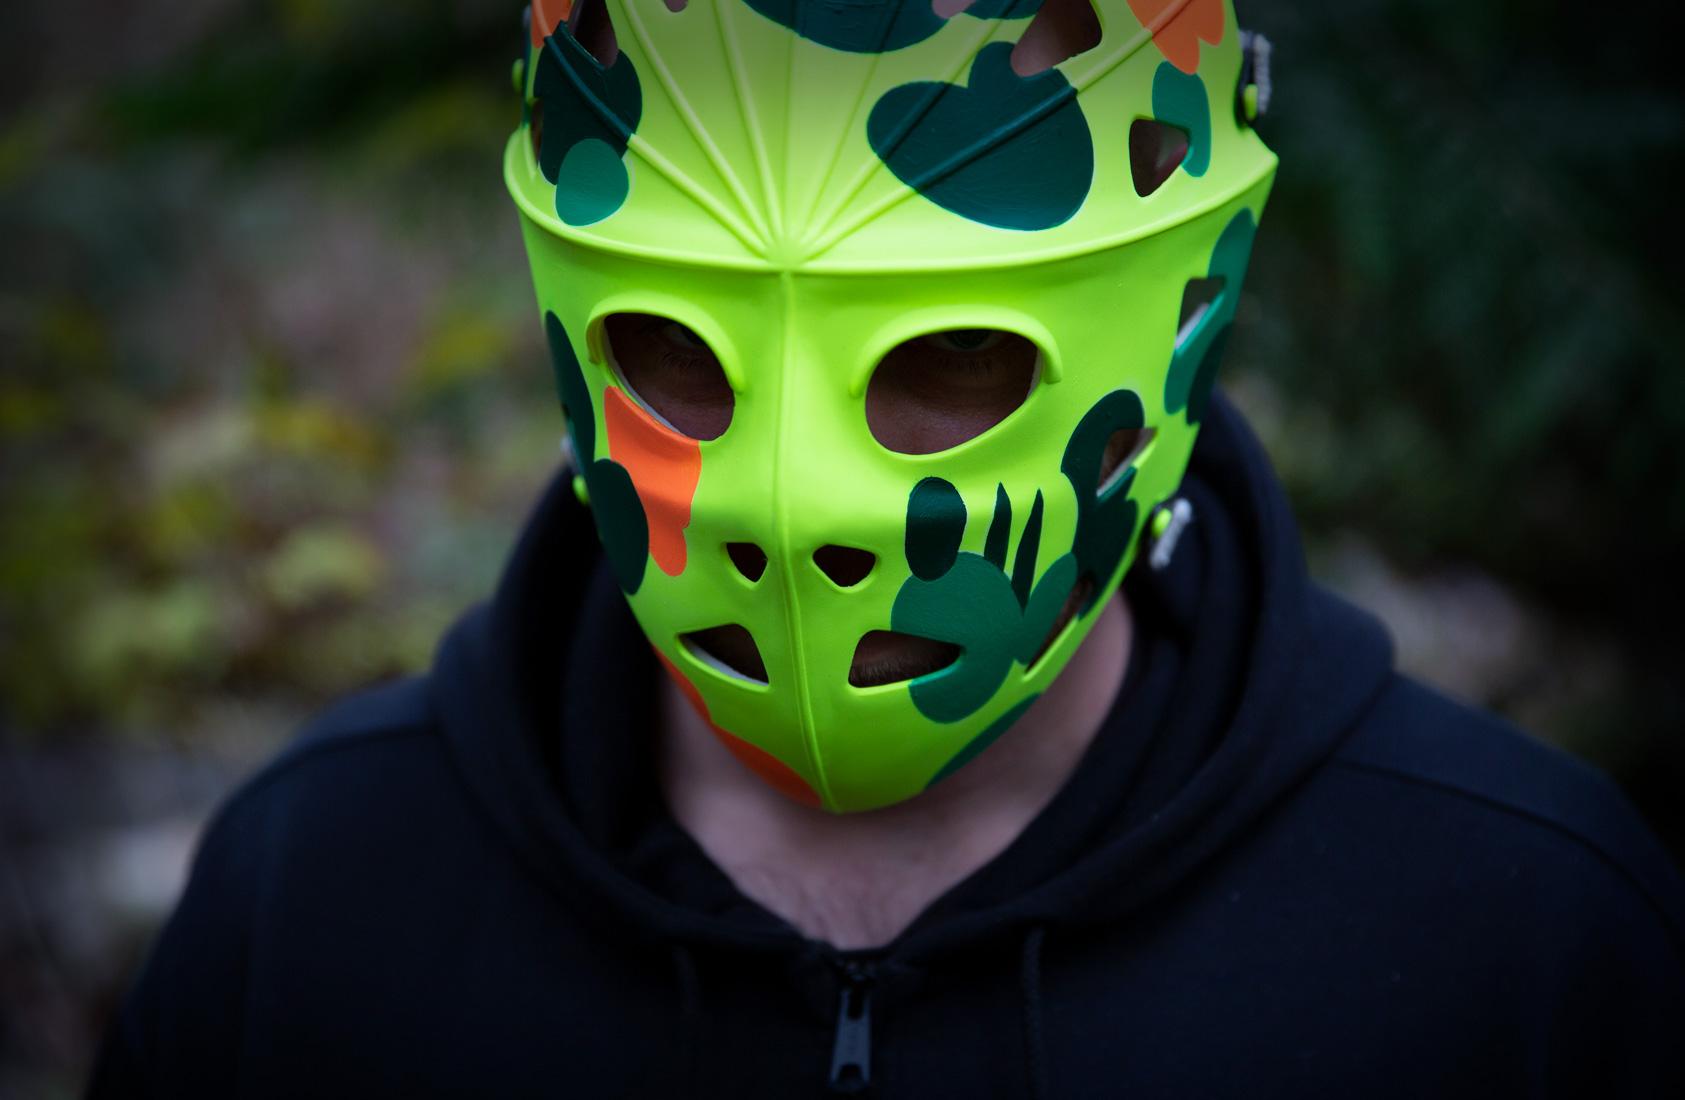 hockeymask 1685x1100 7